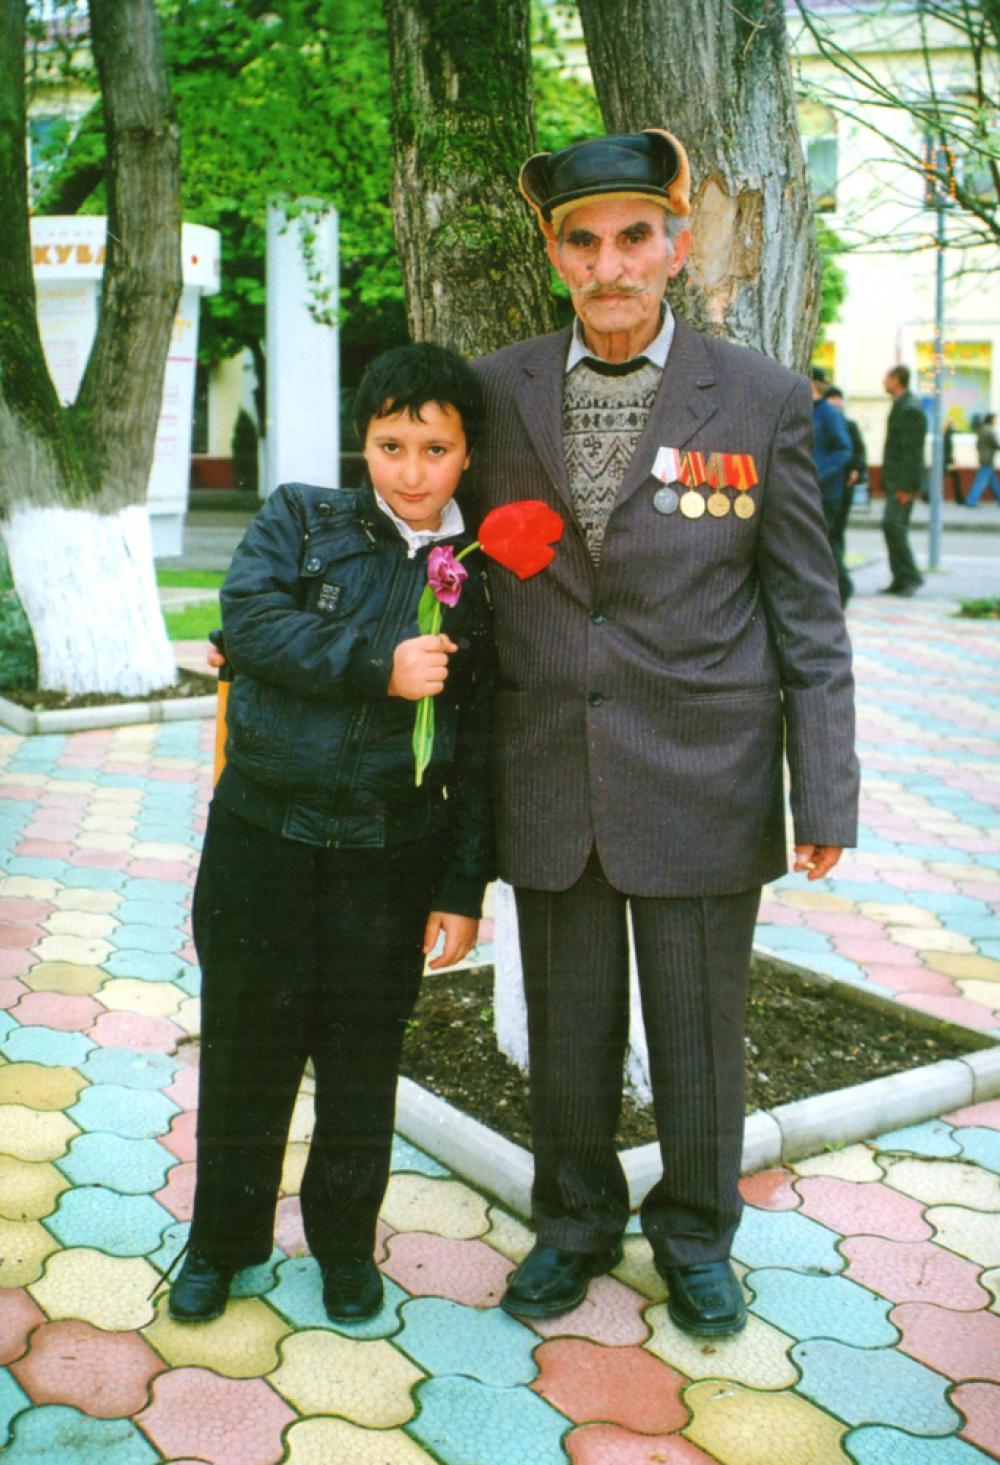 Эта фотография прошлых лет как полюбившийся слоган «Спасибо деду за Победу!»